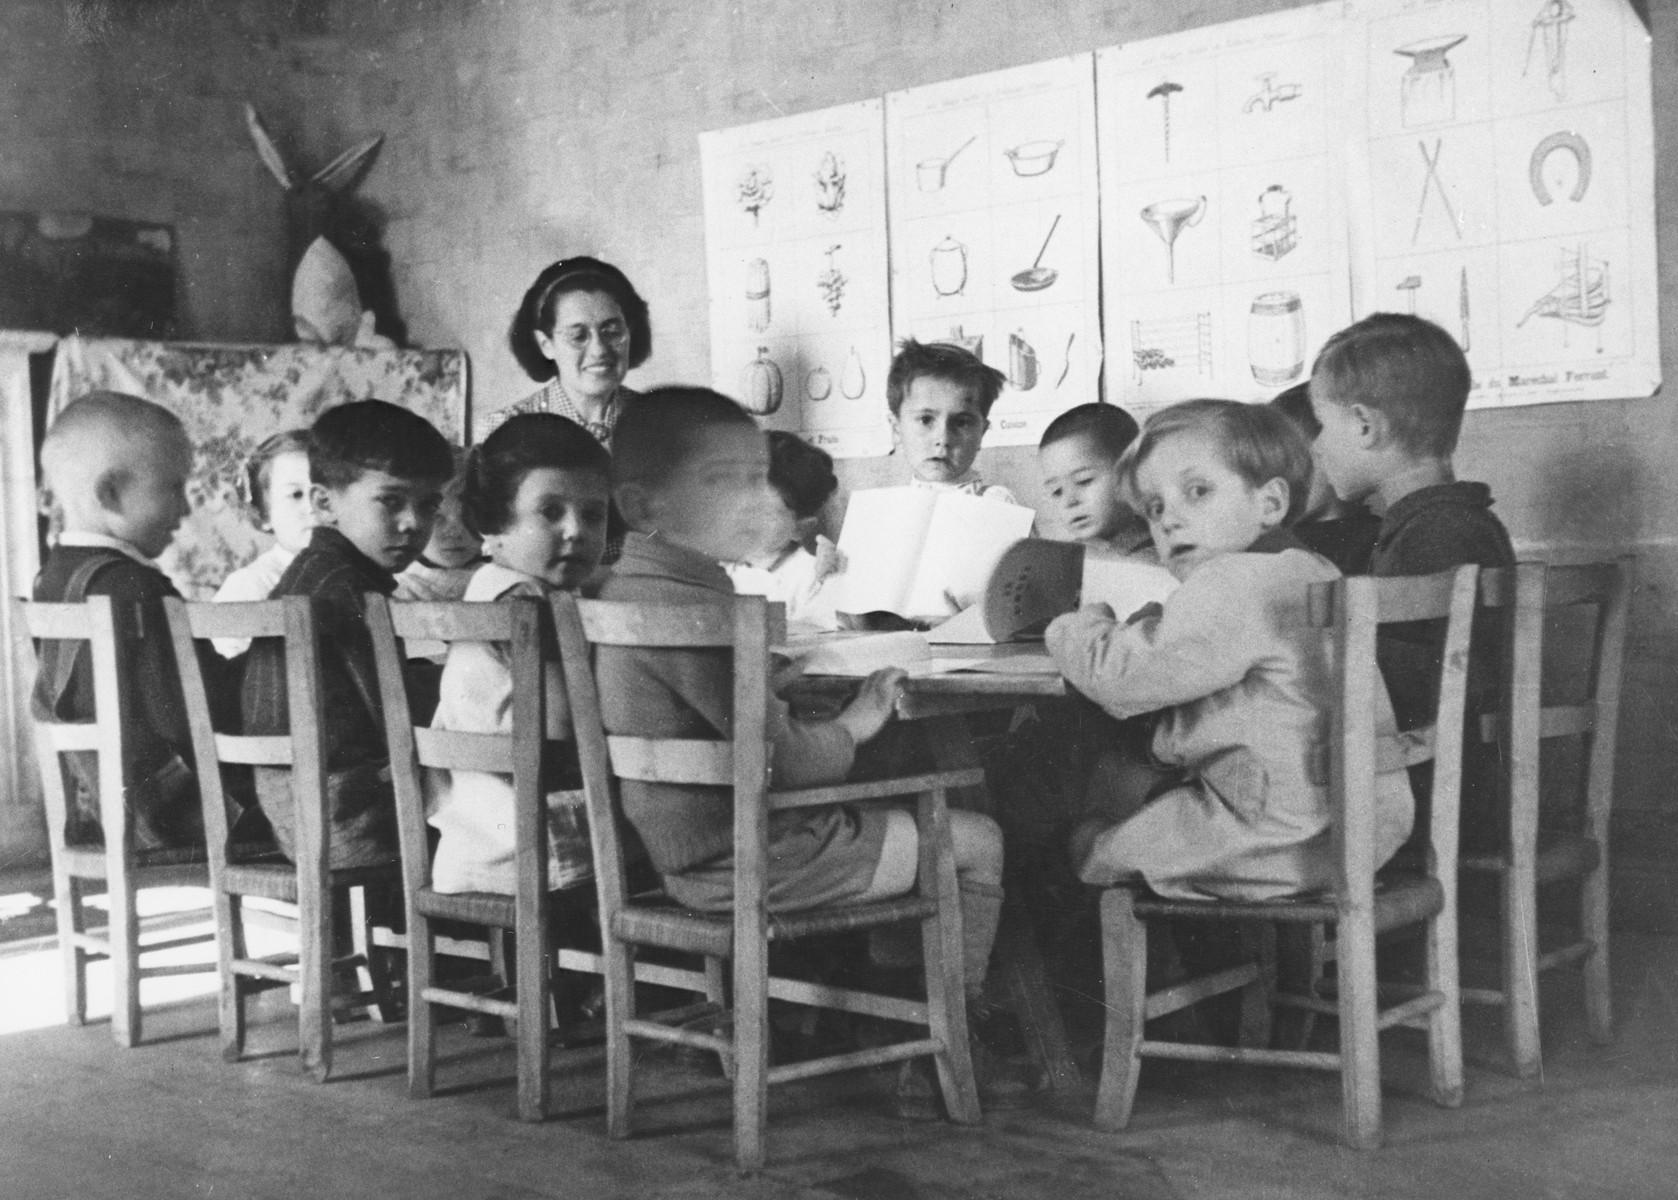 Julie Hermanova, a Czech Jewish nursery teacher, teaches a class in the Vence children's home.